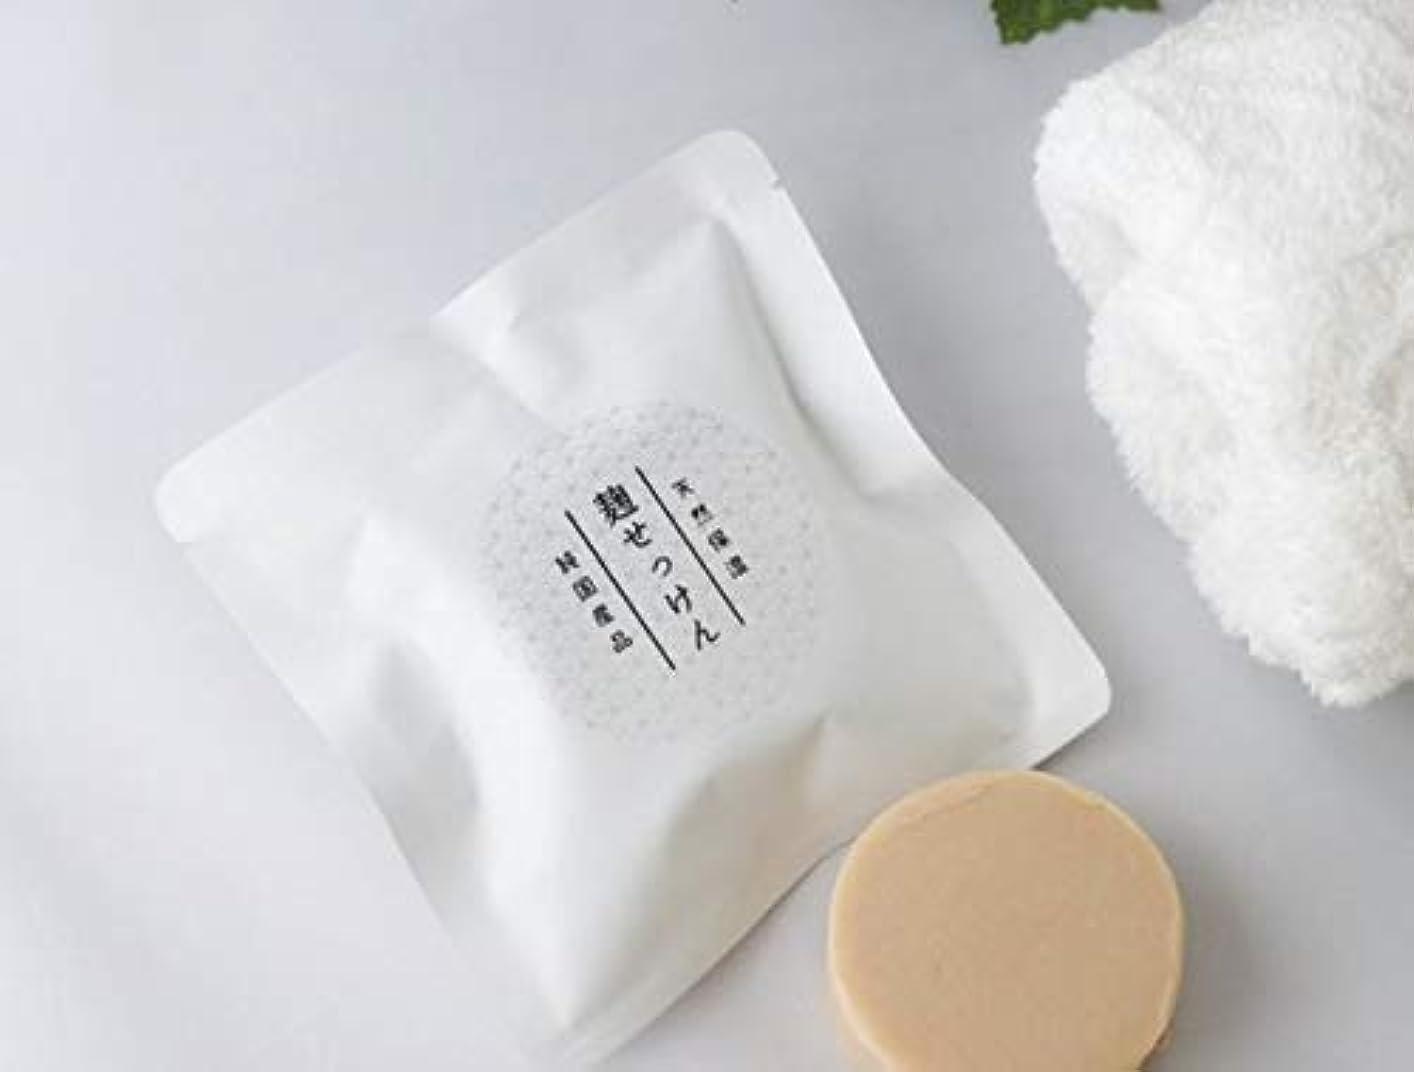 範囲夫不測の事態ほんとのあなた麹石鹸 無添加オーガニック コールド?プロセス製法